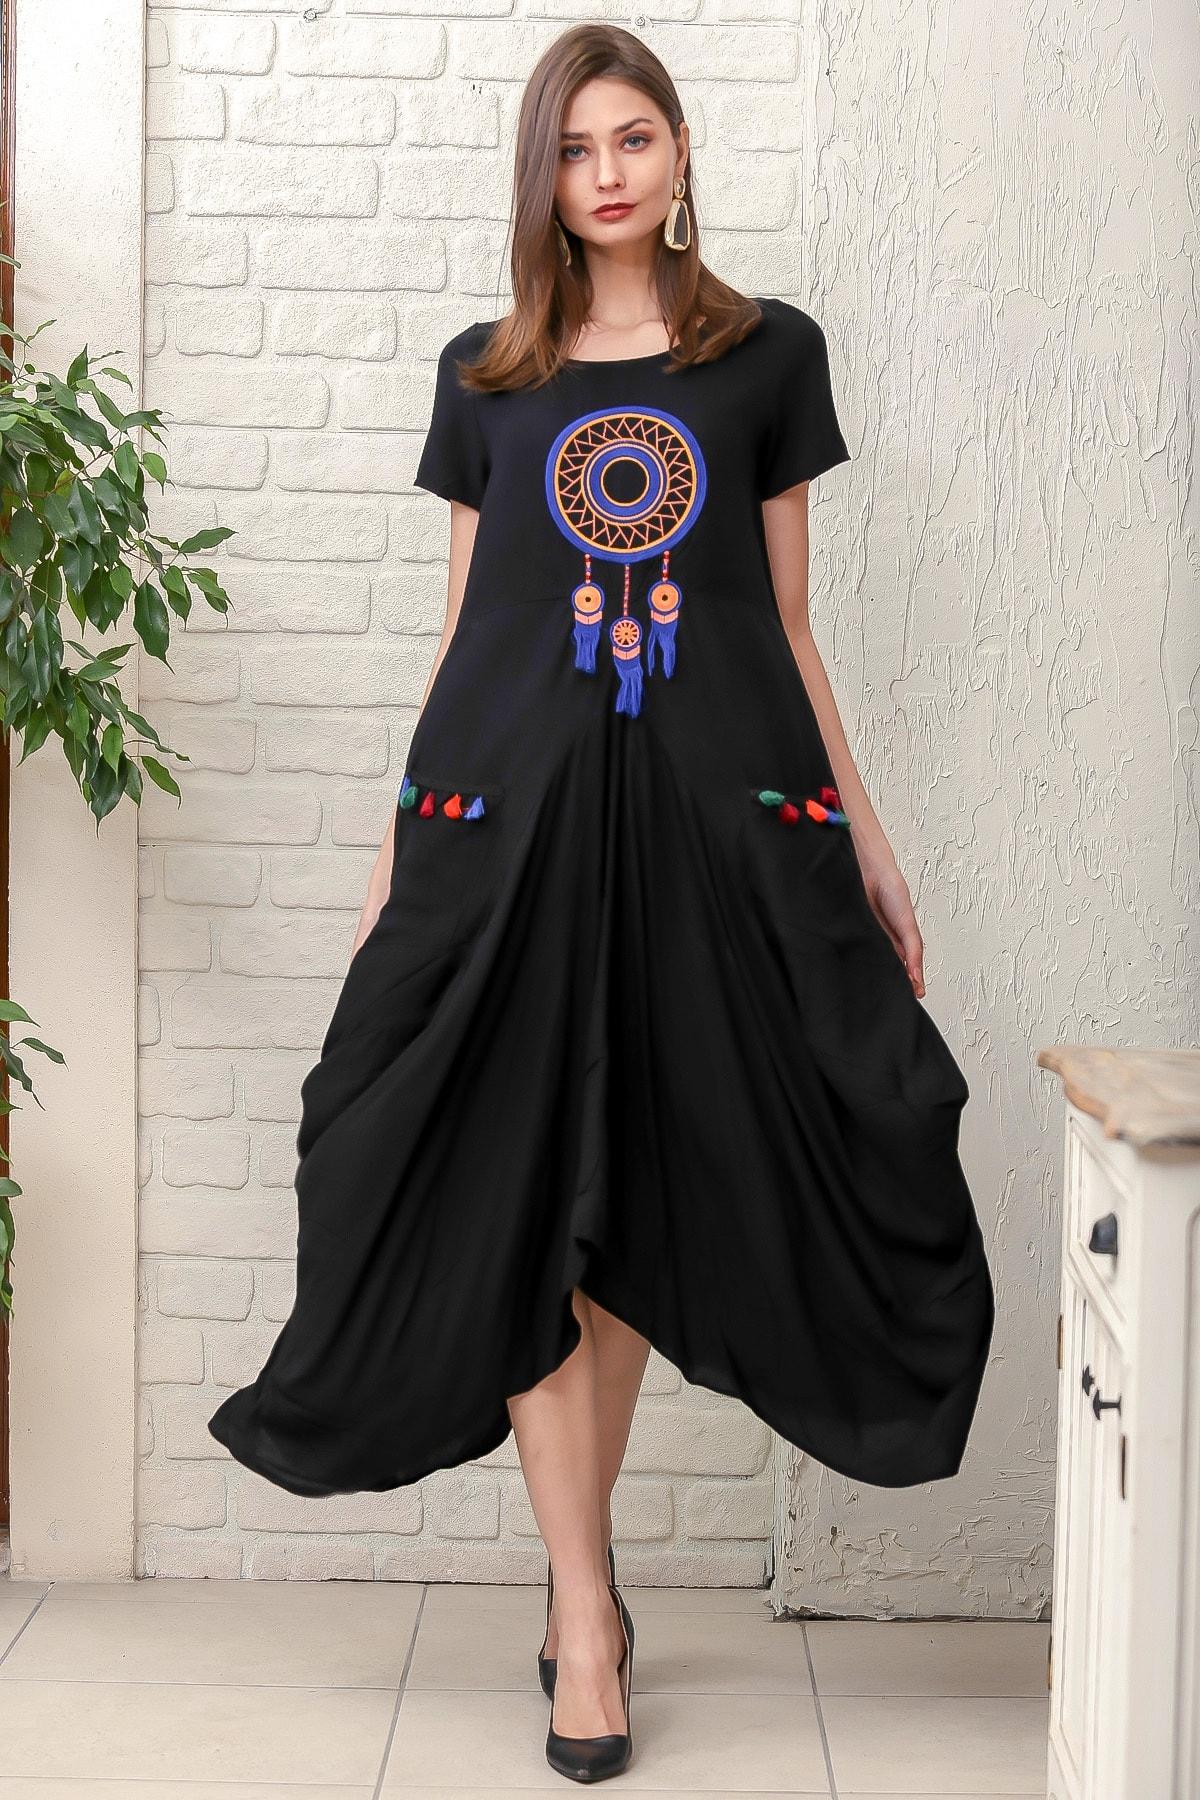 Chiccy Kadın Siyah Dream Catcher Nakışlı Yarım Kollu Cepli Asimetrik Salaş Dokuma Elbise M10160000EL95883